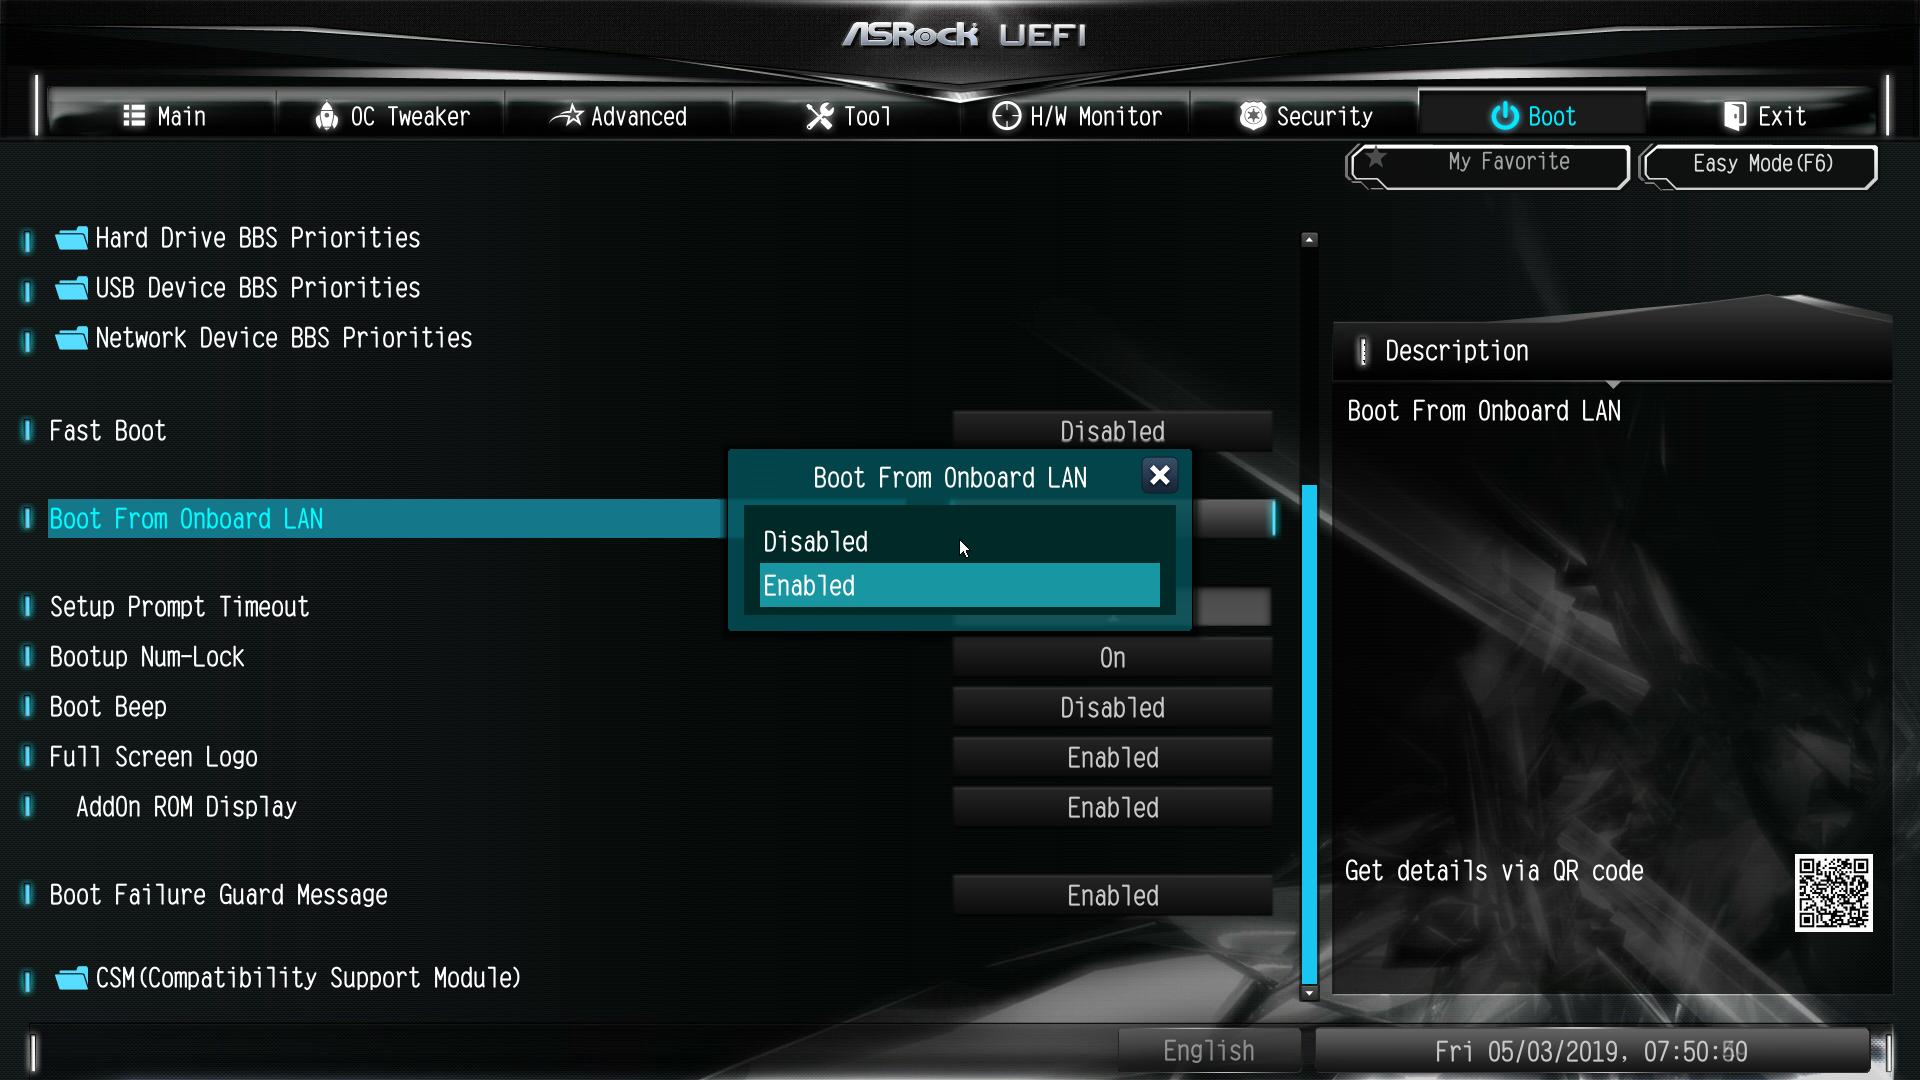 Installons Linux et Windows depuis le réseau (PXE) simplement, de